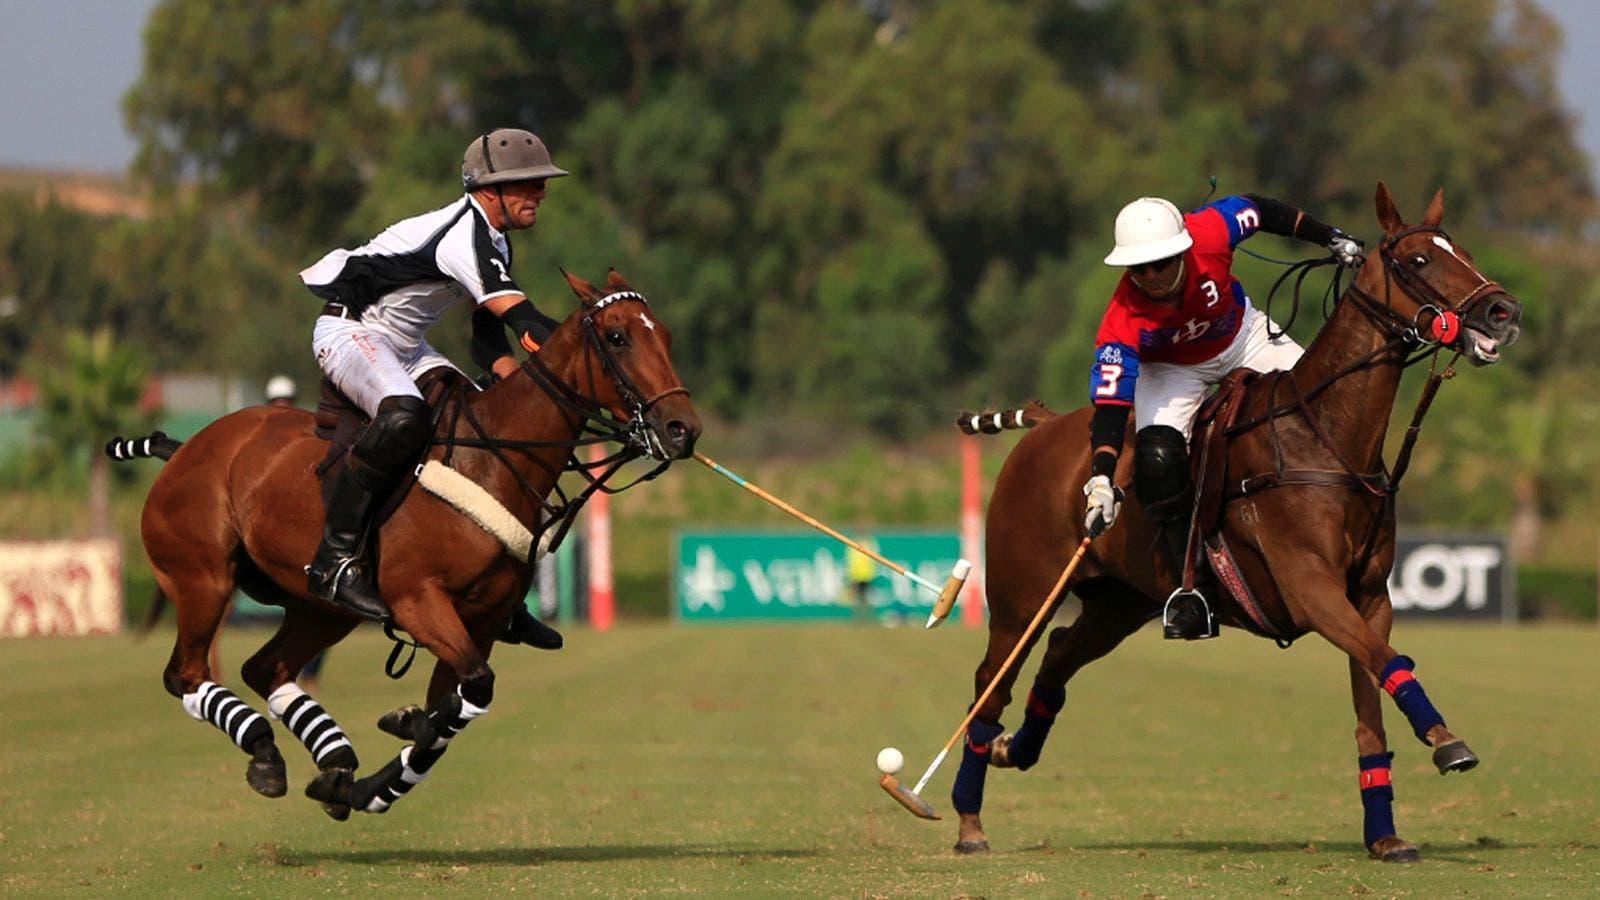 El polo, 'deporte de reyes'